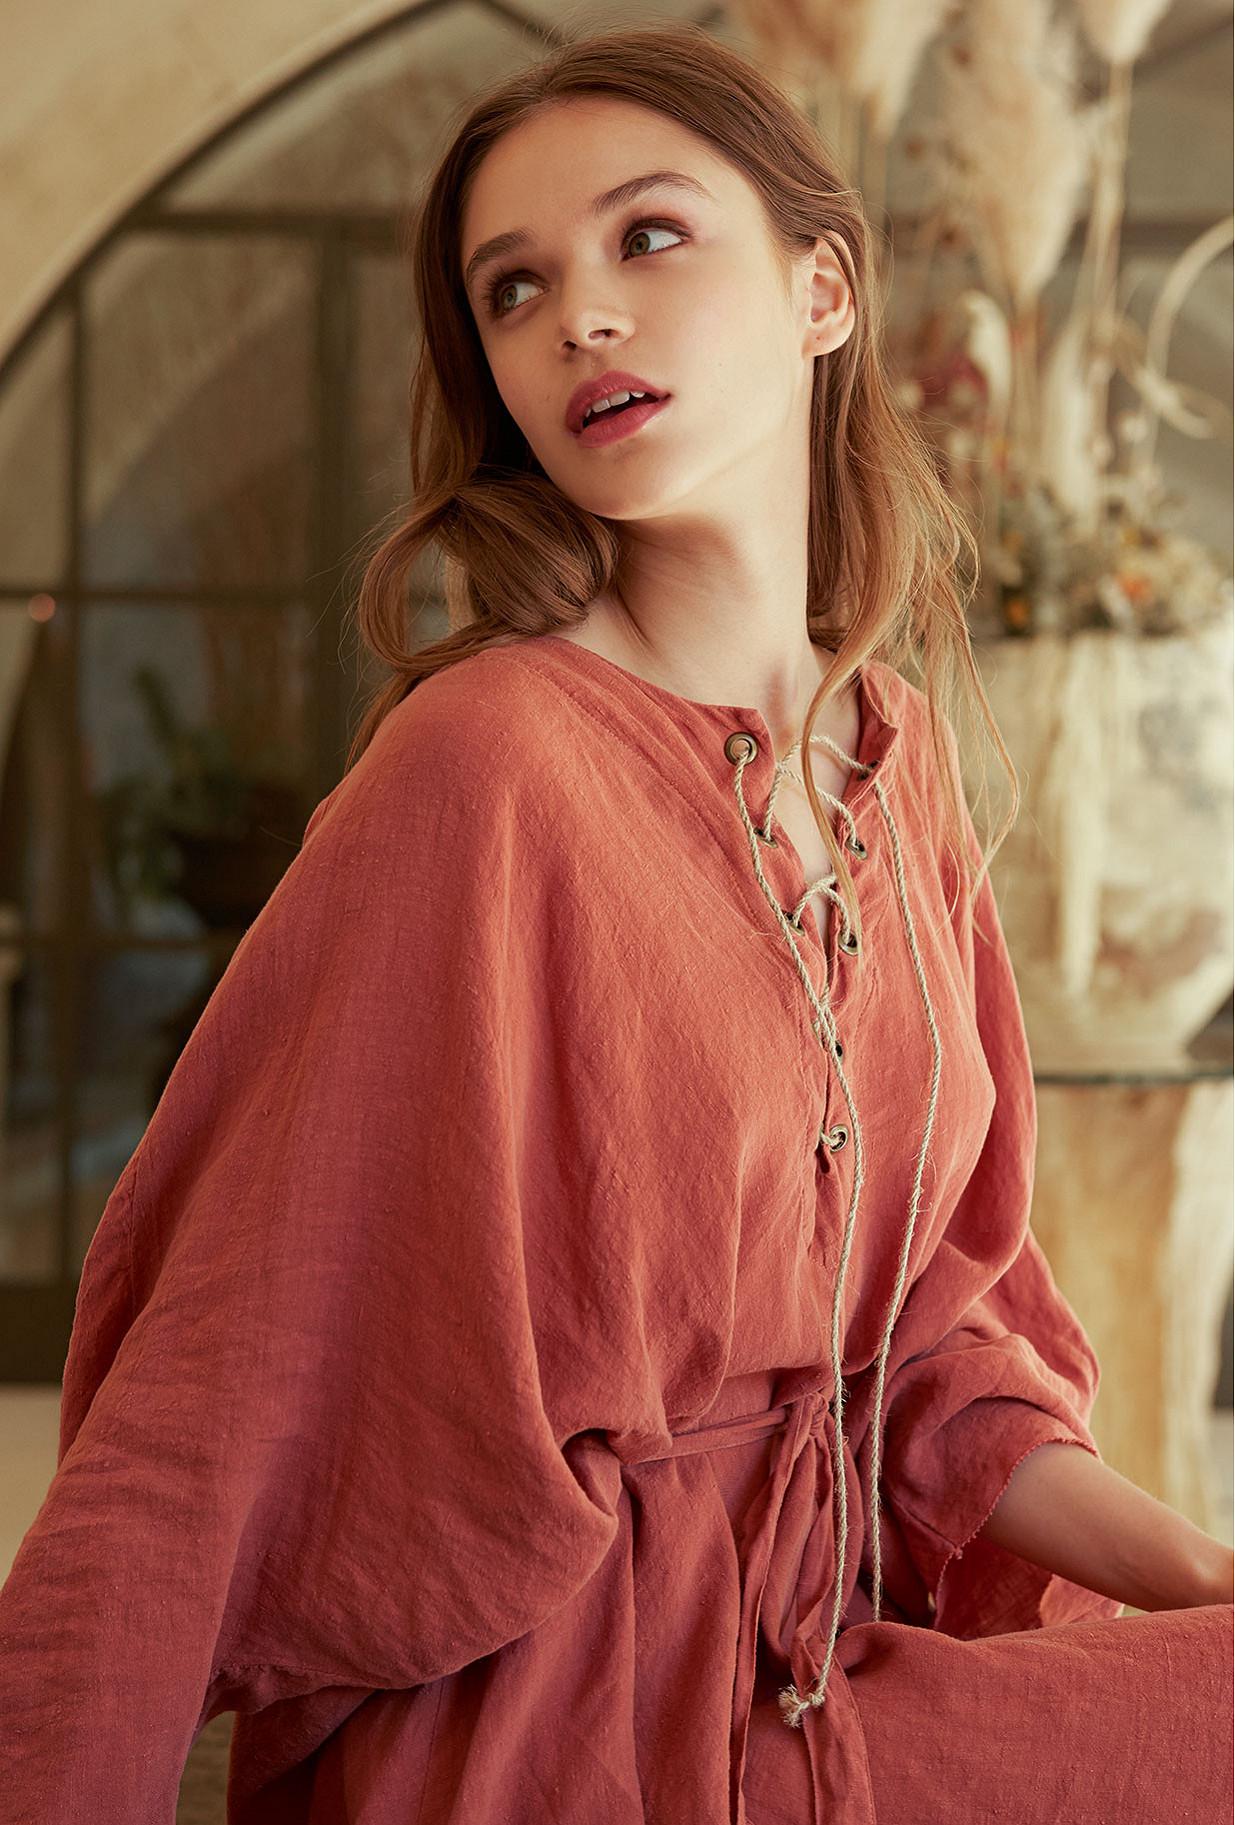 Robe Rose  Paraiso mes demoiselles paris vêtement femme paris